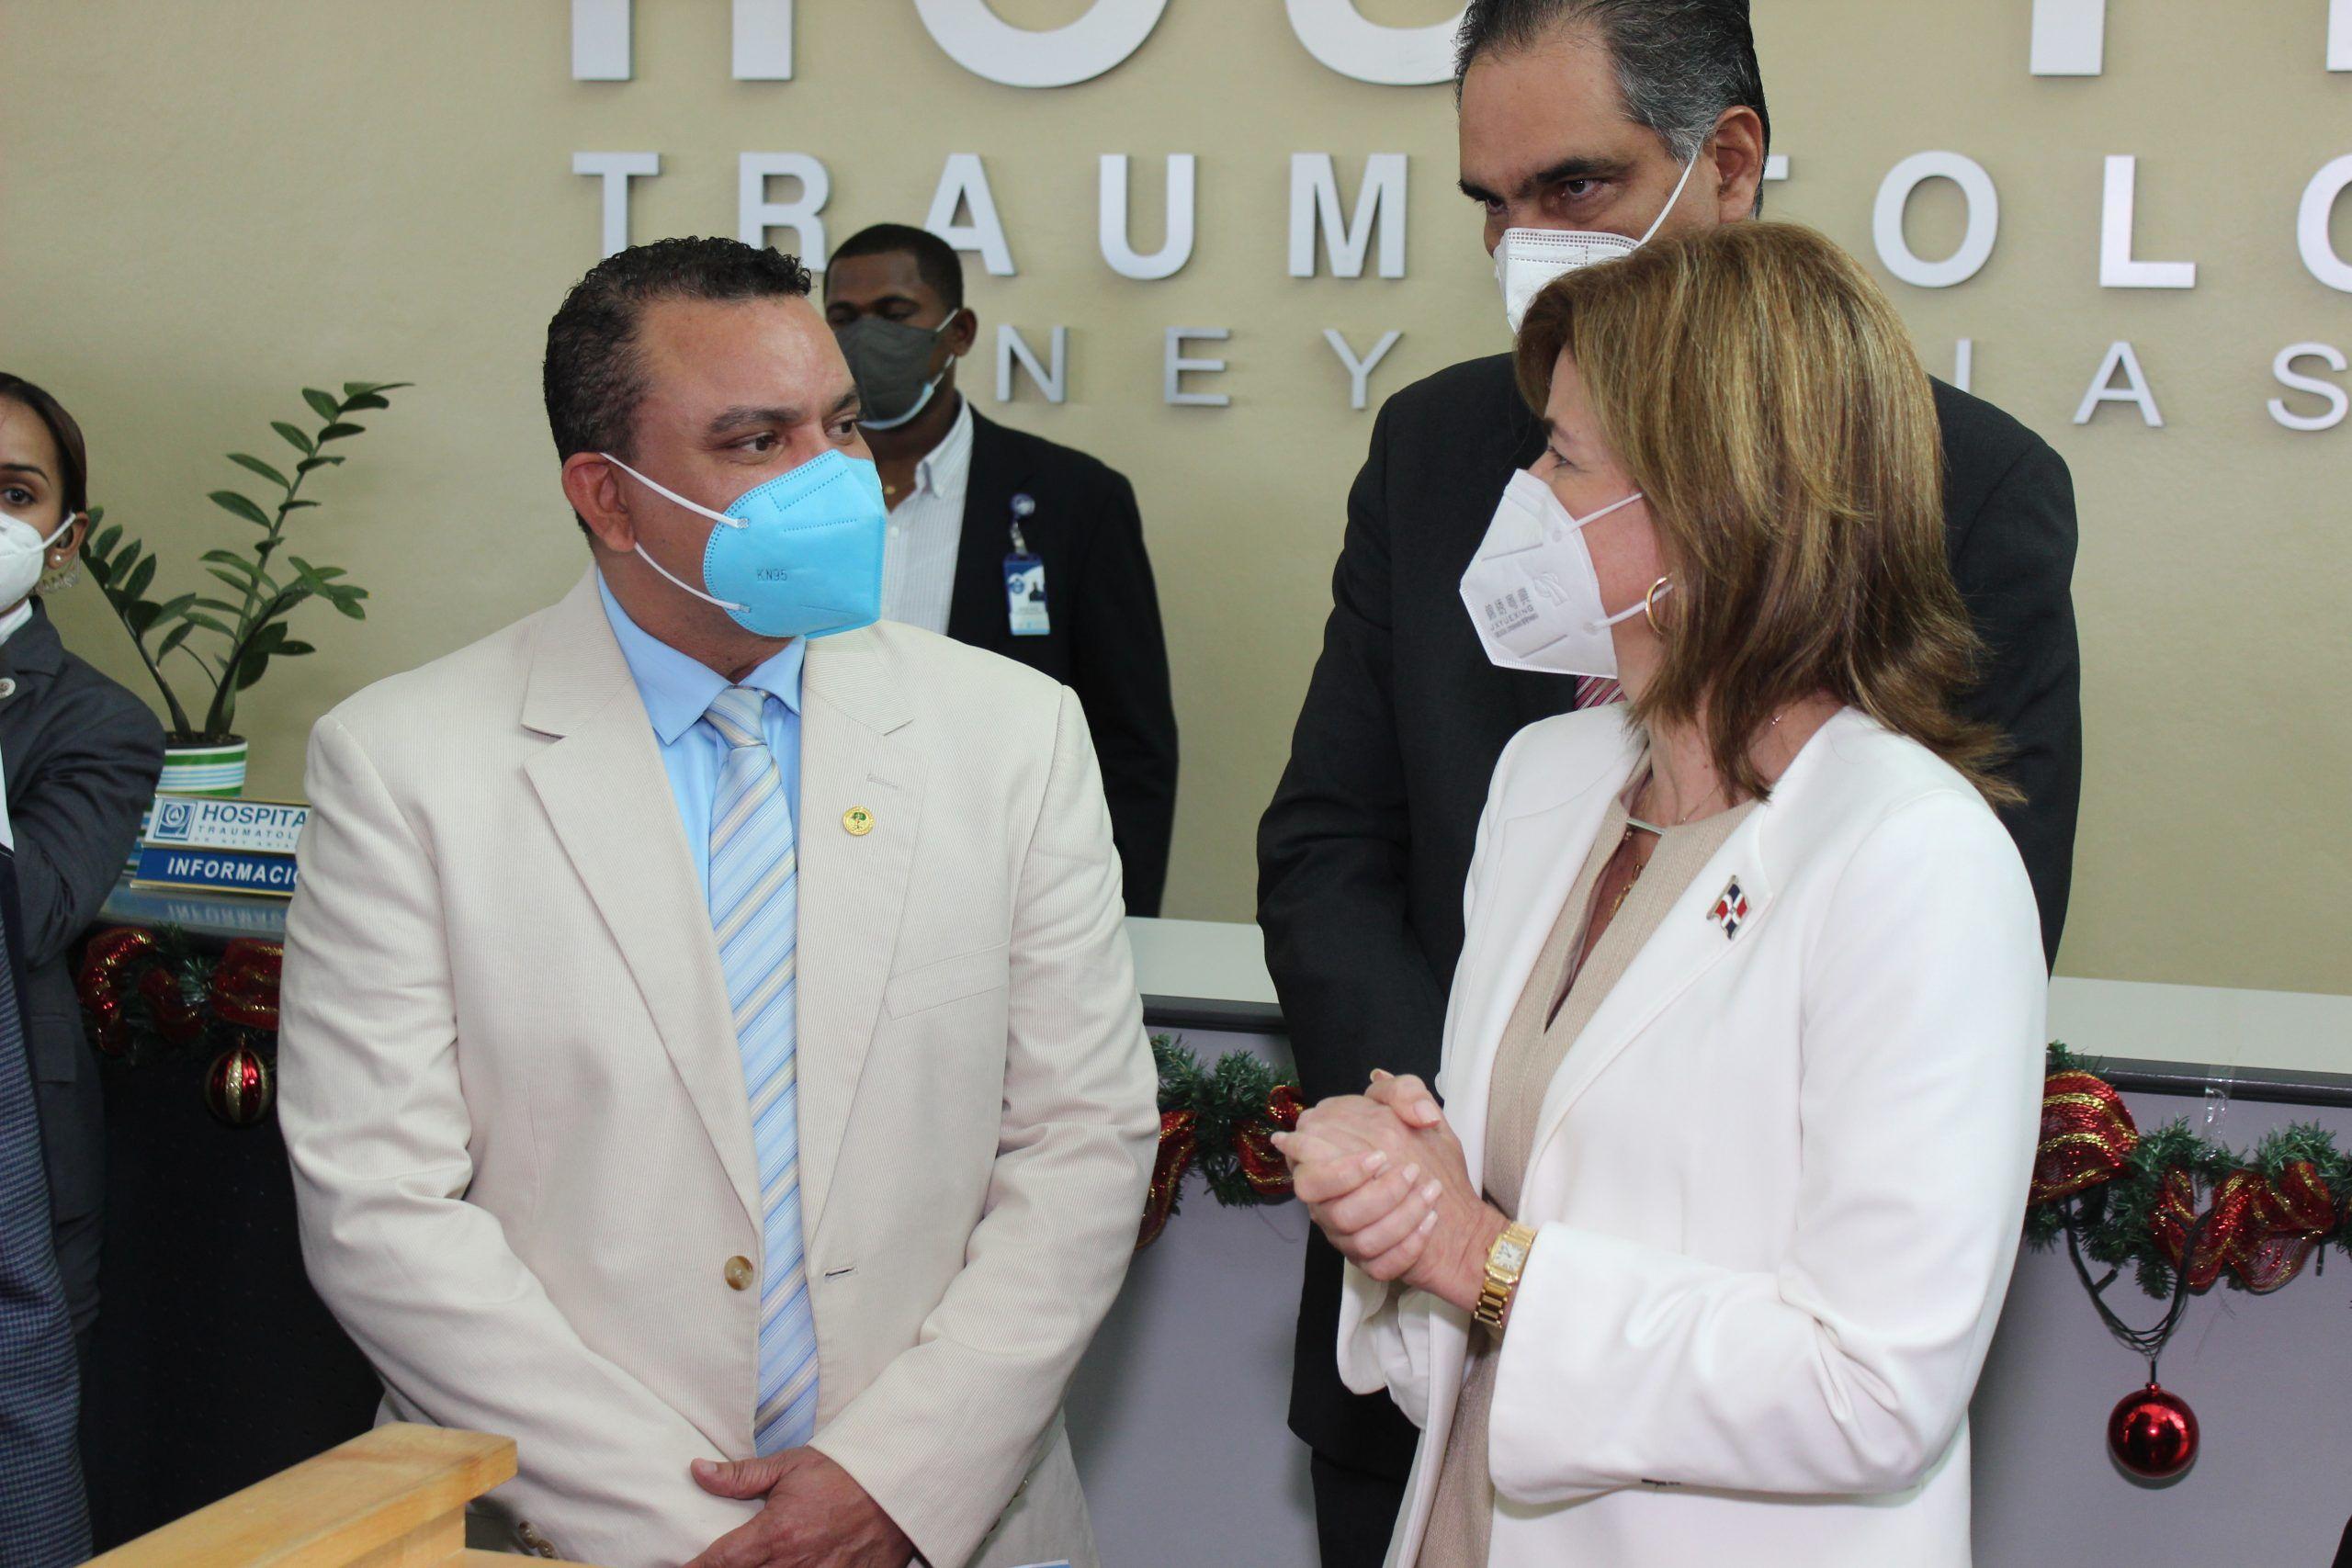 La vicepresidenta Raquel Peña, escuchó al director del hospital Traumatológico doctor Ney Arias Lora, doctor Julio Landrón, quien externó las principales necesidades que tiene el centro de salud en la actualidad.